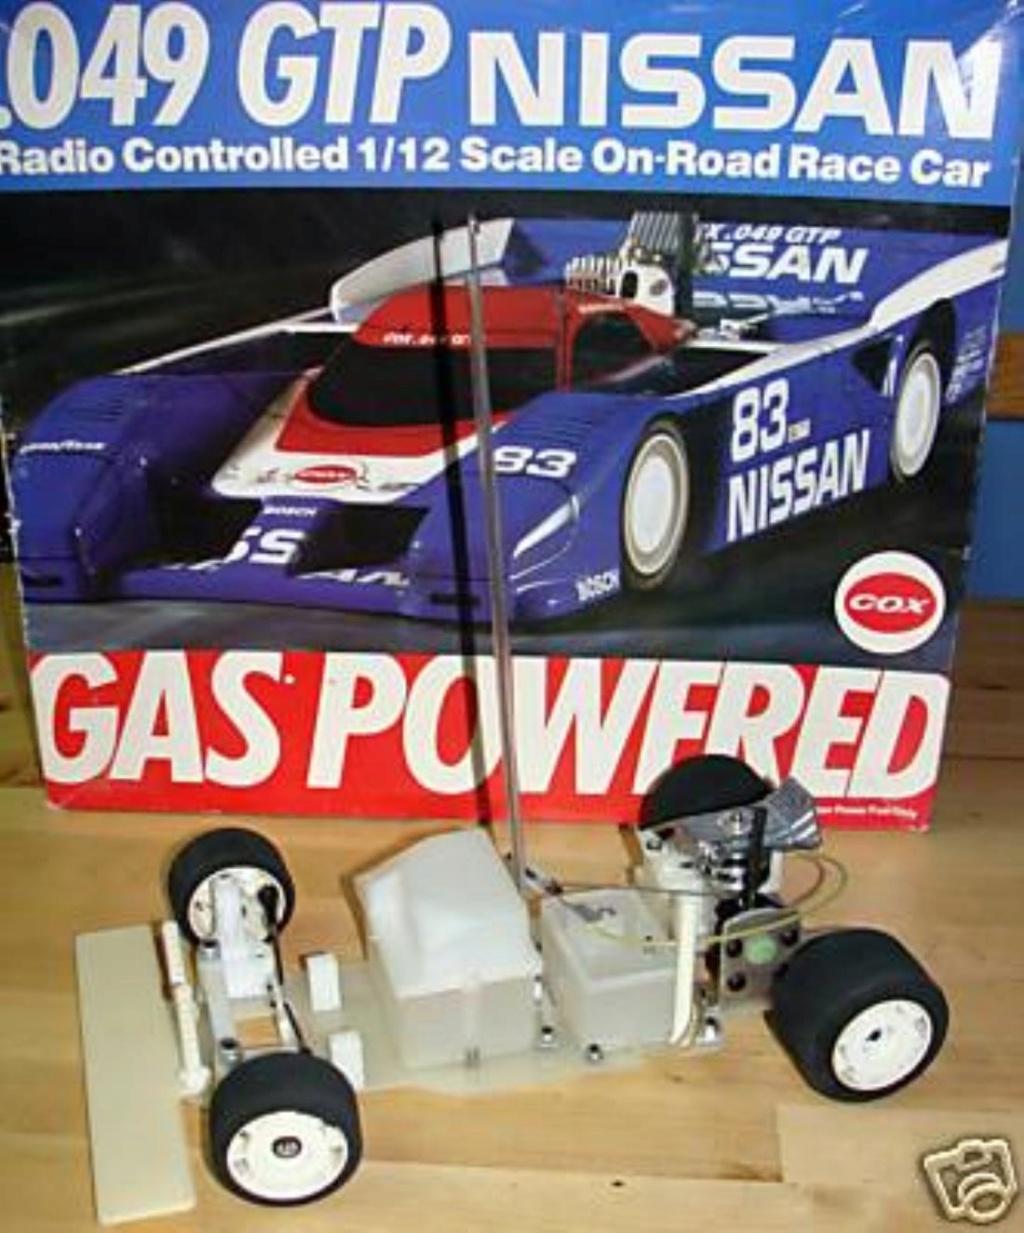 049 GTP/RC CAR Img58_10